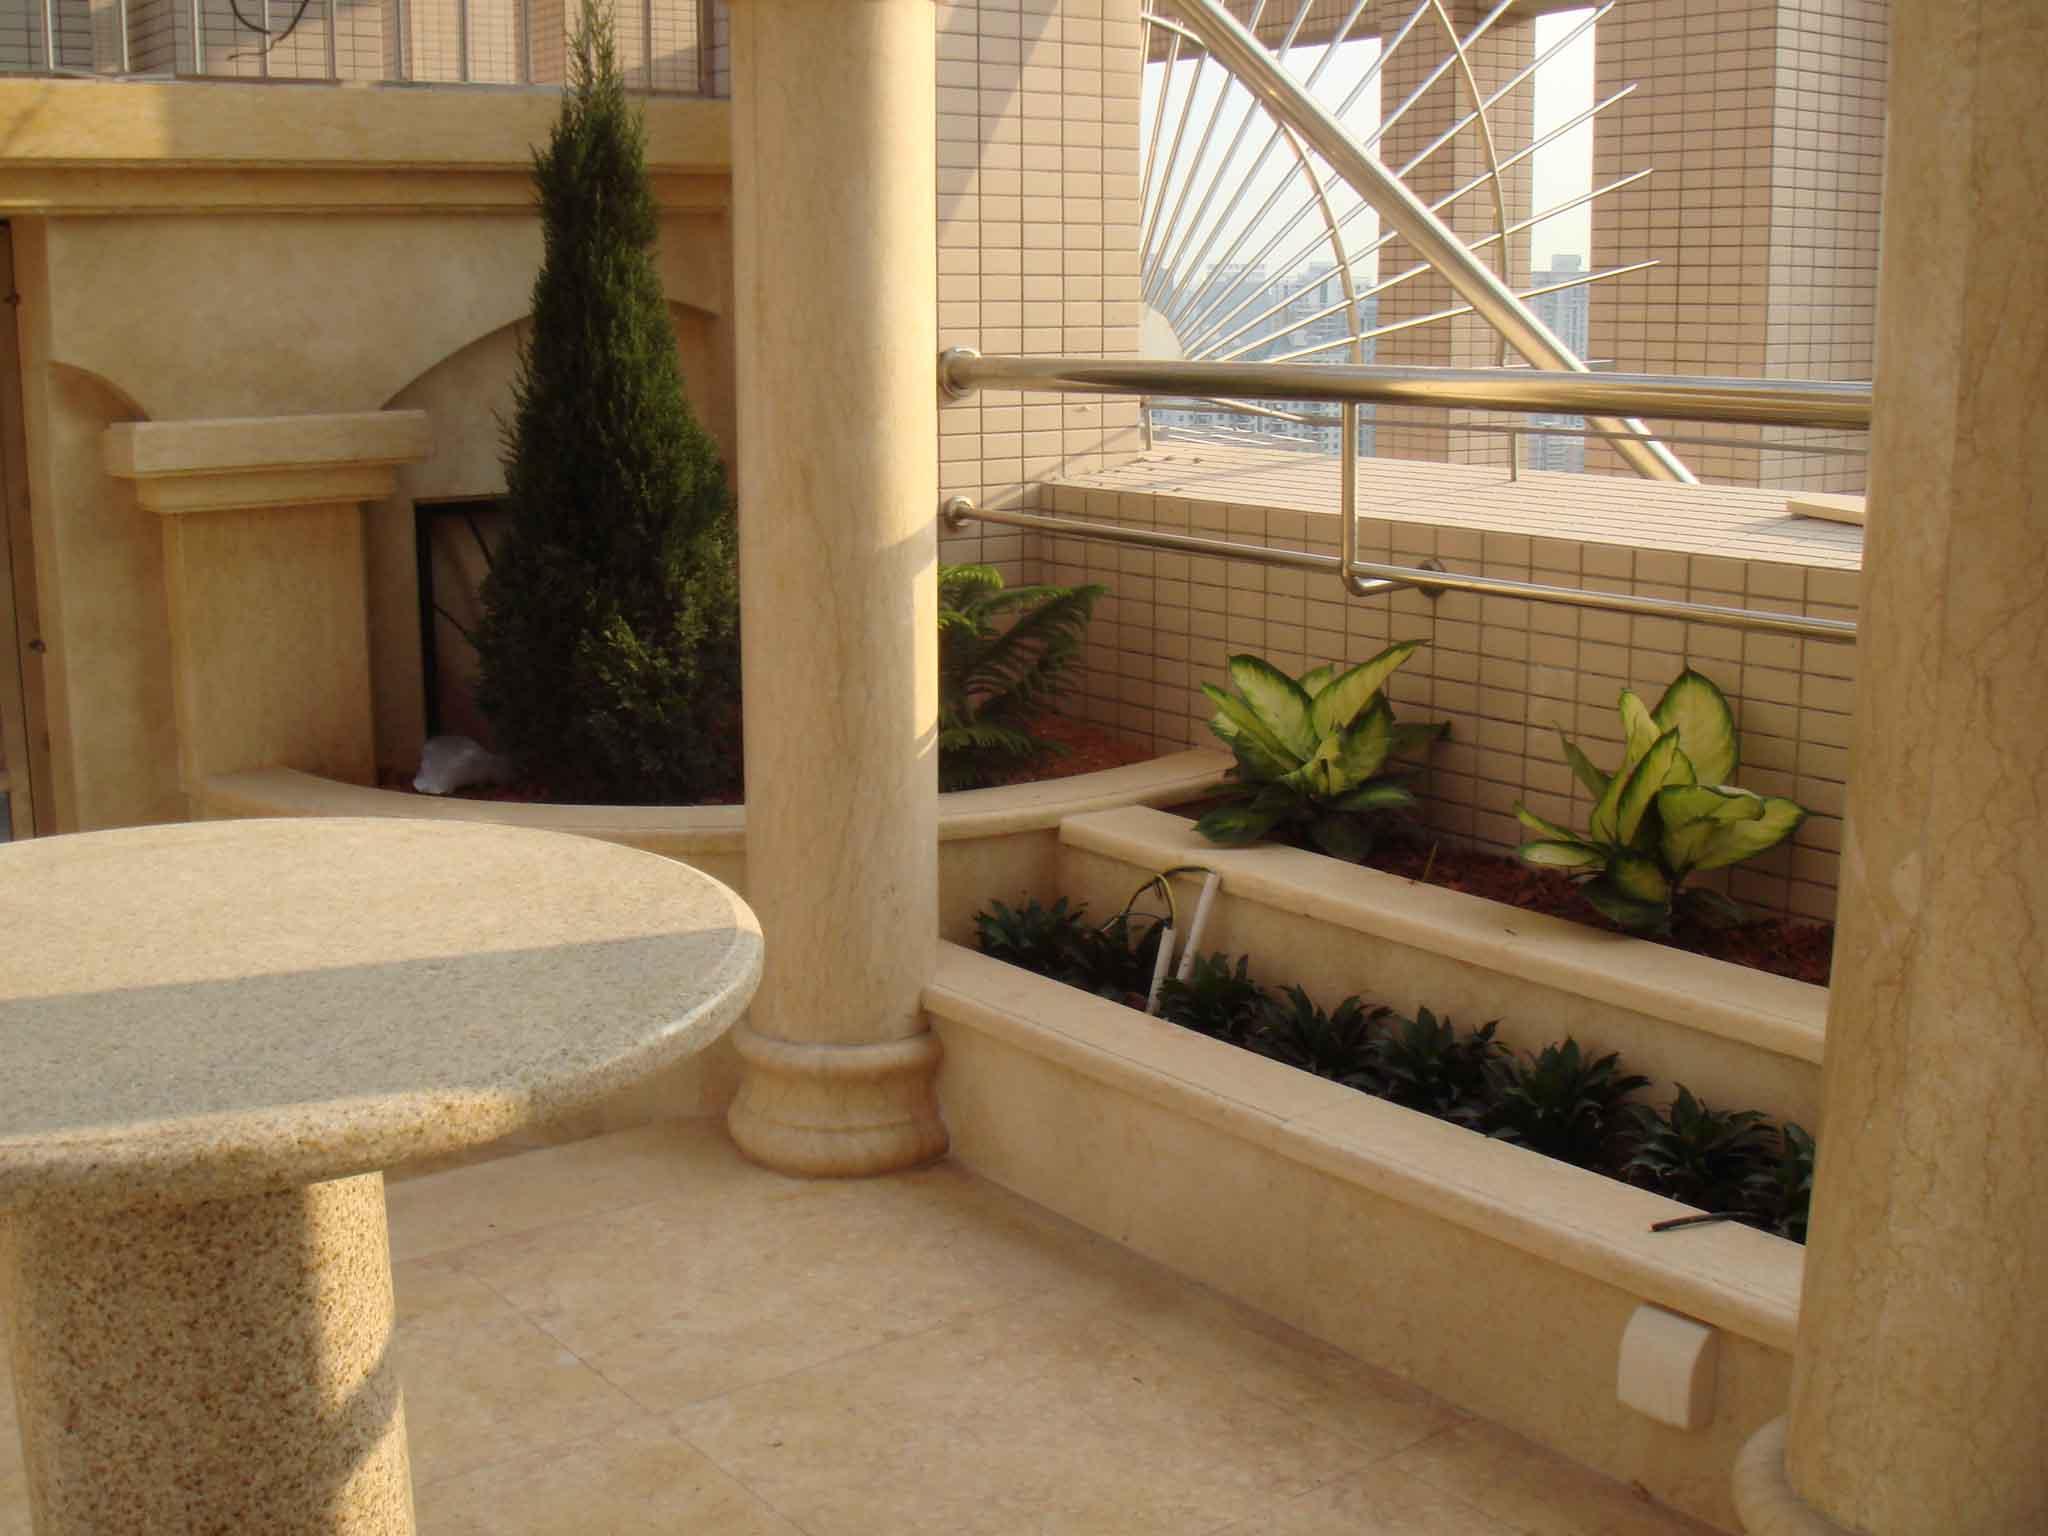 装修论坛  装修采购  > 入户花园,屋顶花园设计施工